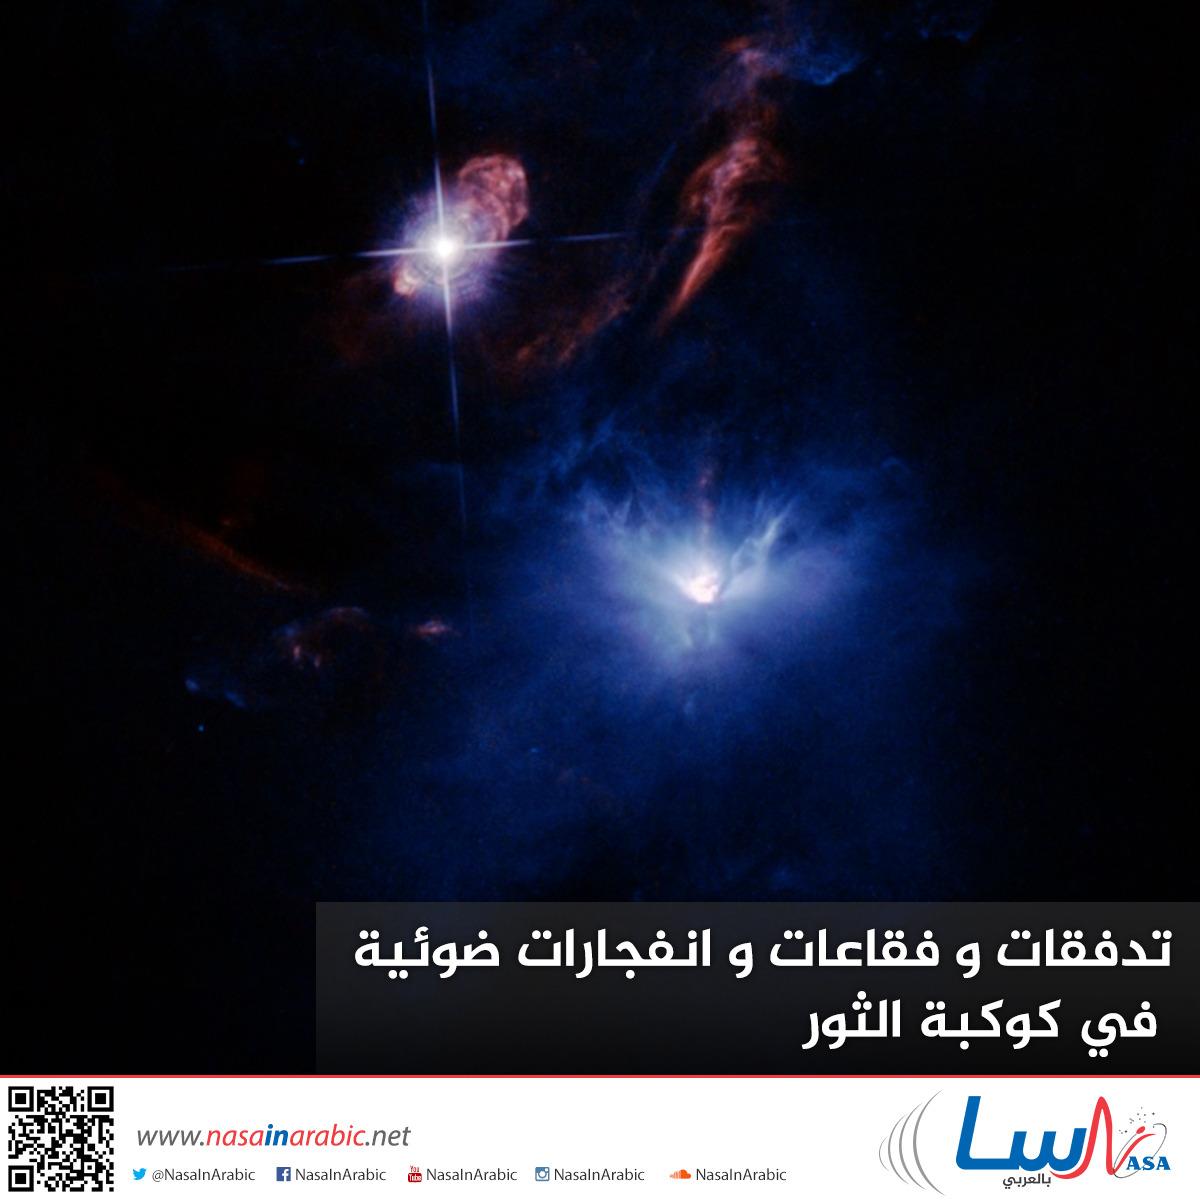 تدفقات و فقاعات و انفجارات ضوئية في كوكبة الثور